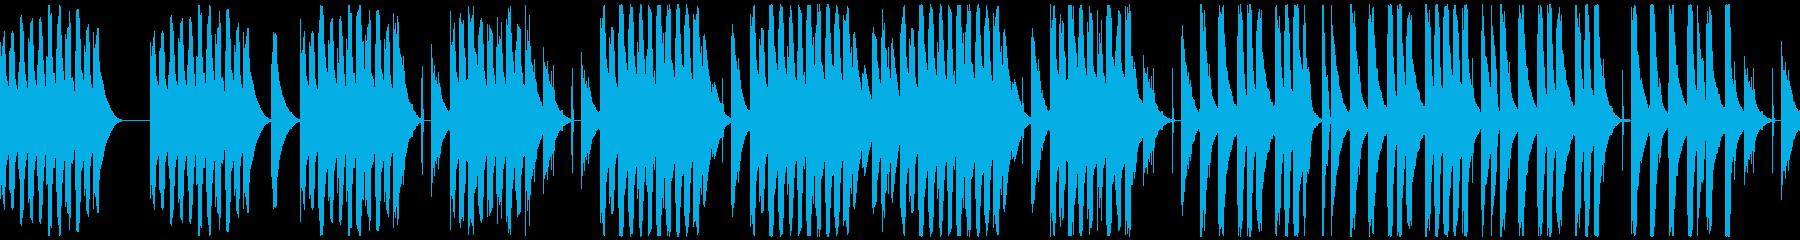 ほのぼのコミカルなリコーダーとマリンバの再生済みの波形